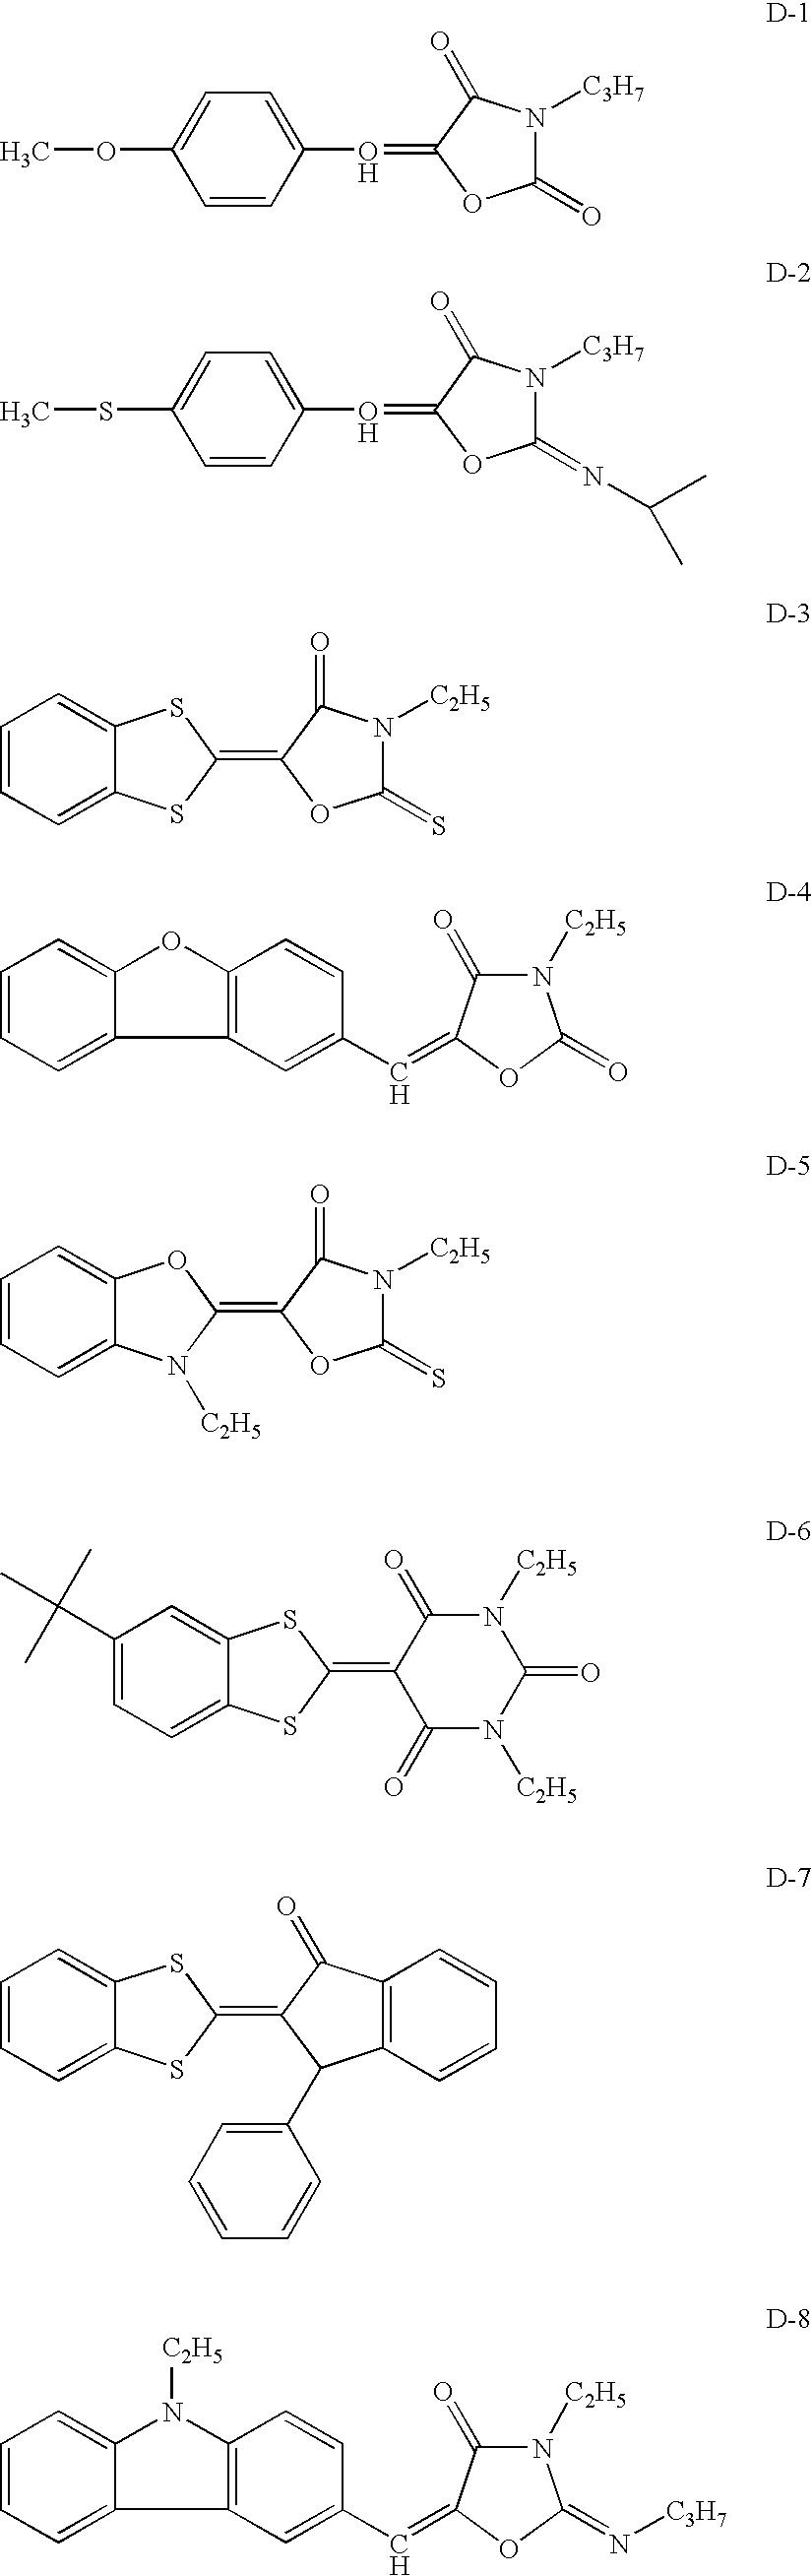 Figure US07910286-20110322-C00006